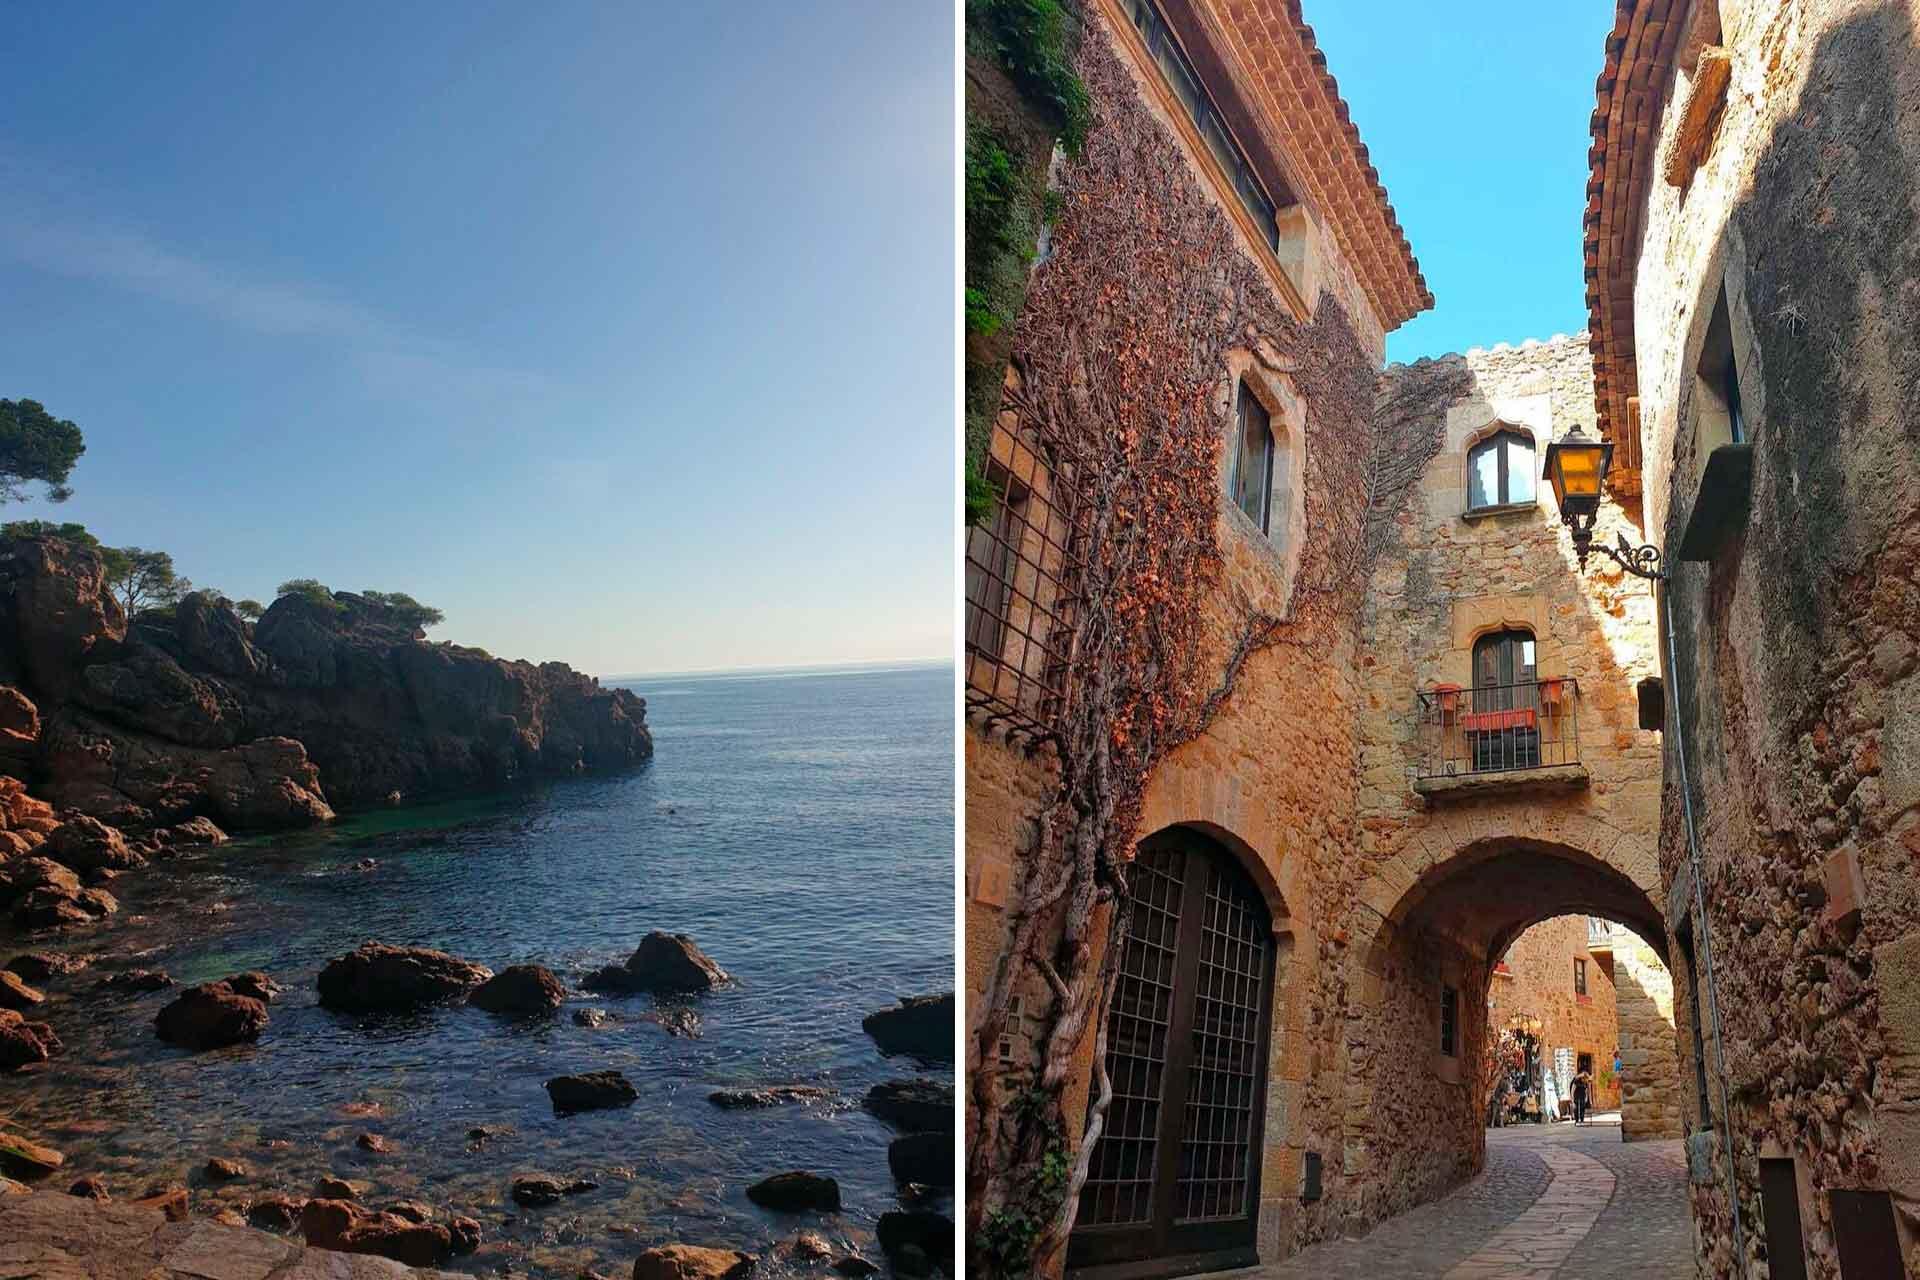 COSTA BRAVA: Cinque Cose Straordinarie Che Puoi Fare In Catalogna